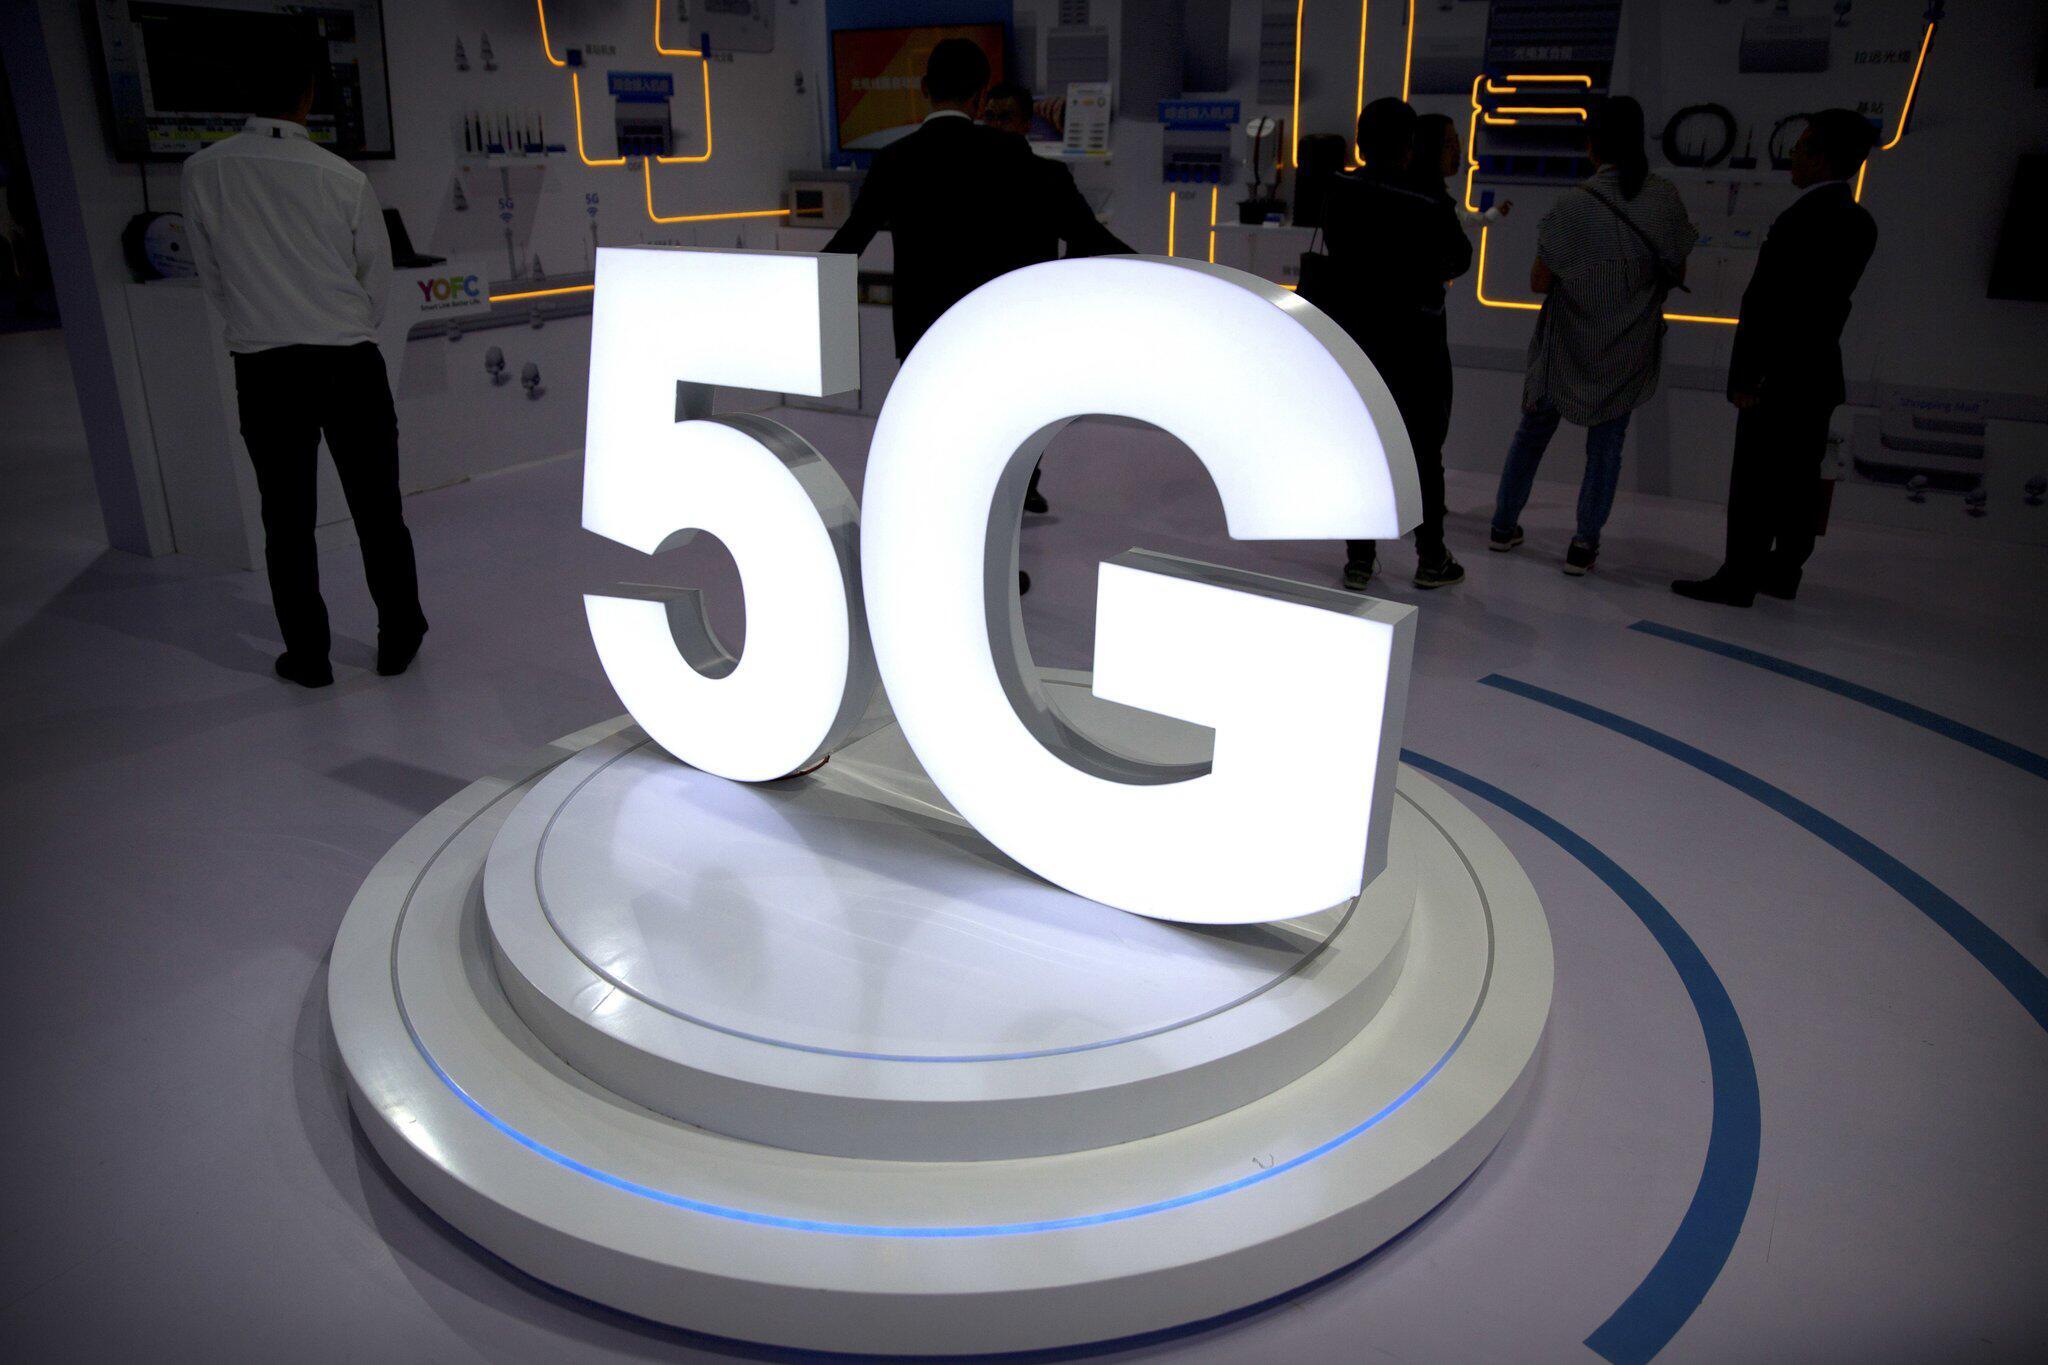 Bild zu Dikussion 5G-Mobilfunknetz